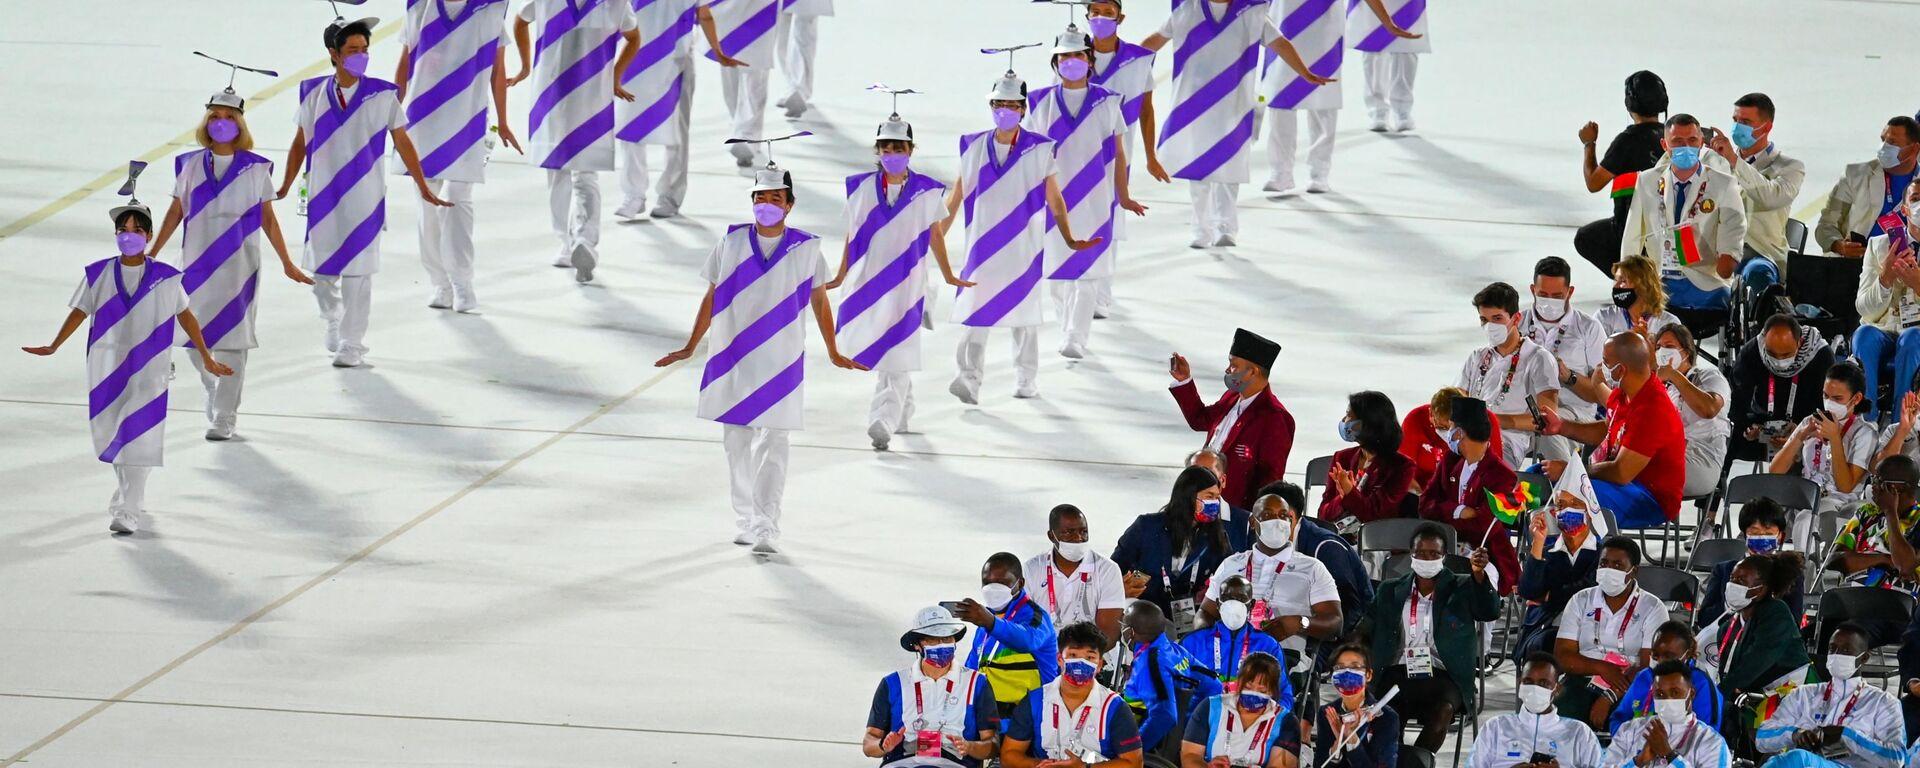 Артисты на церемонии открытия XVI летних Паралимпийских игр - Sputnik Mundo, 1920, 26.08.2021